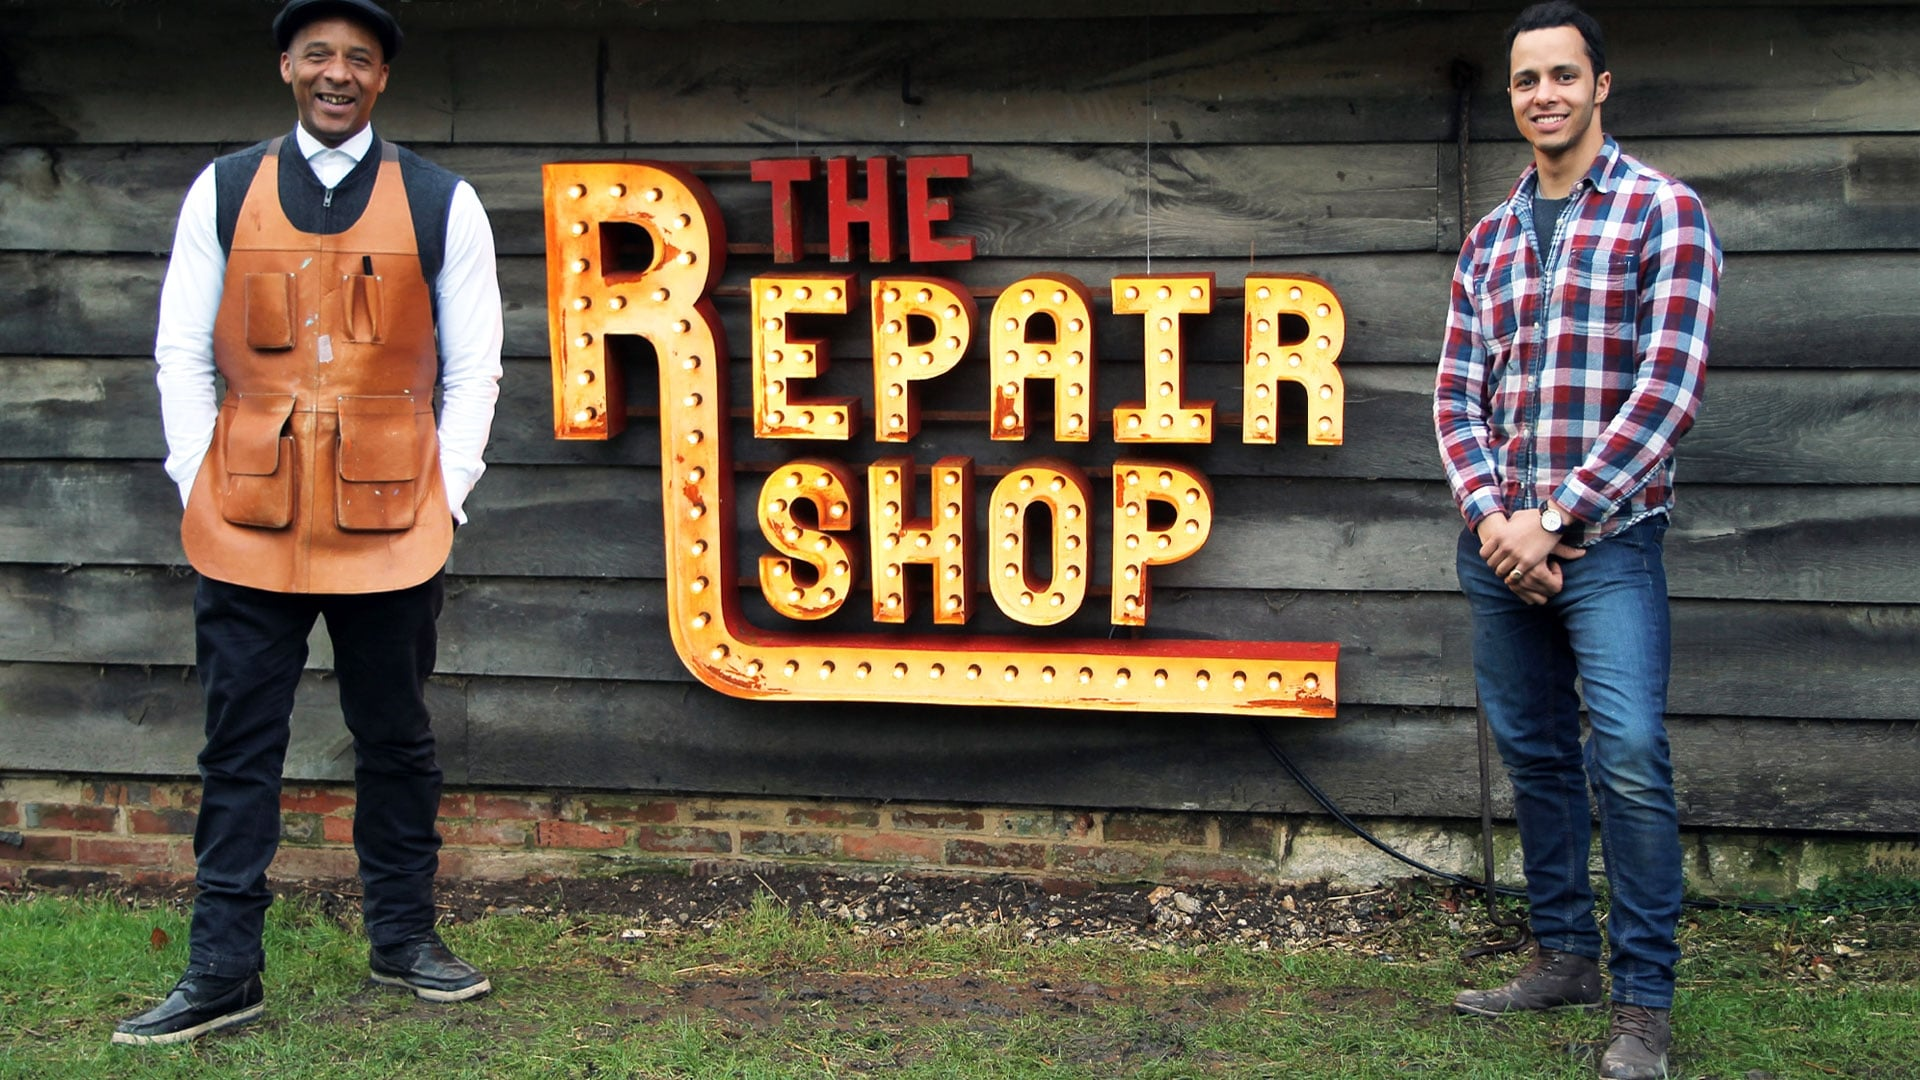 The Repair Shop (TV Series 2017) Season 1